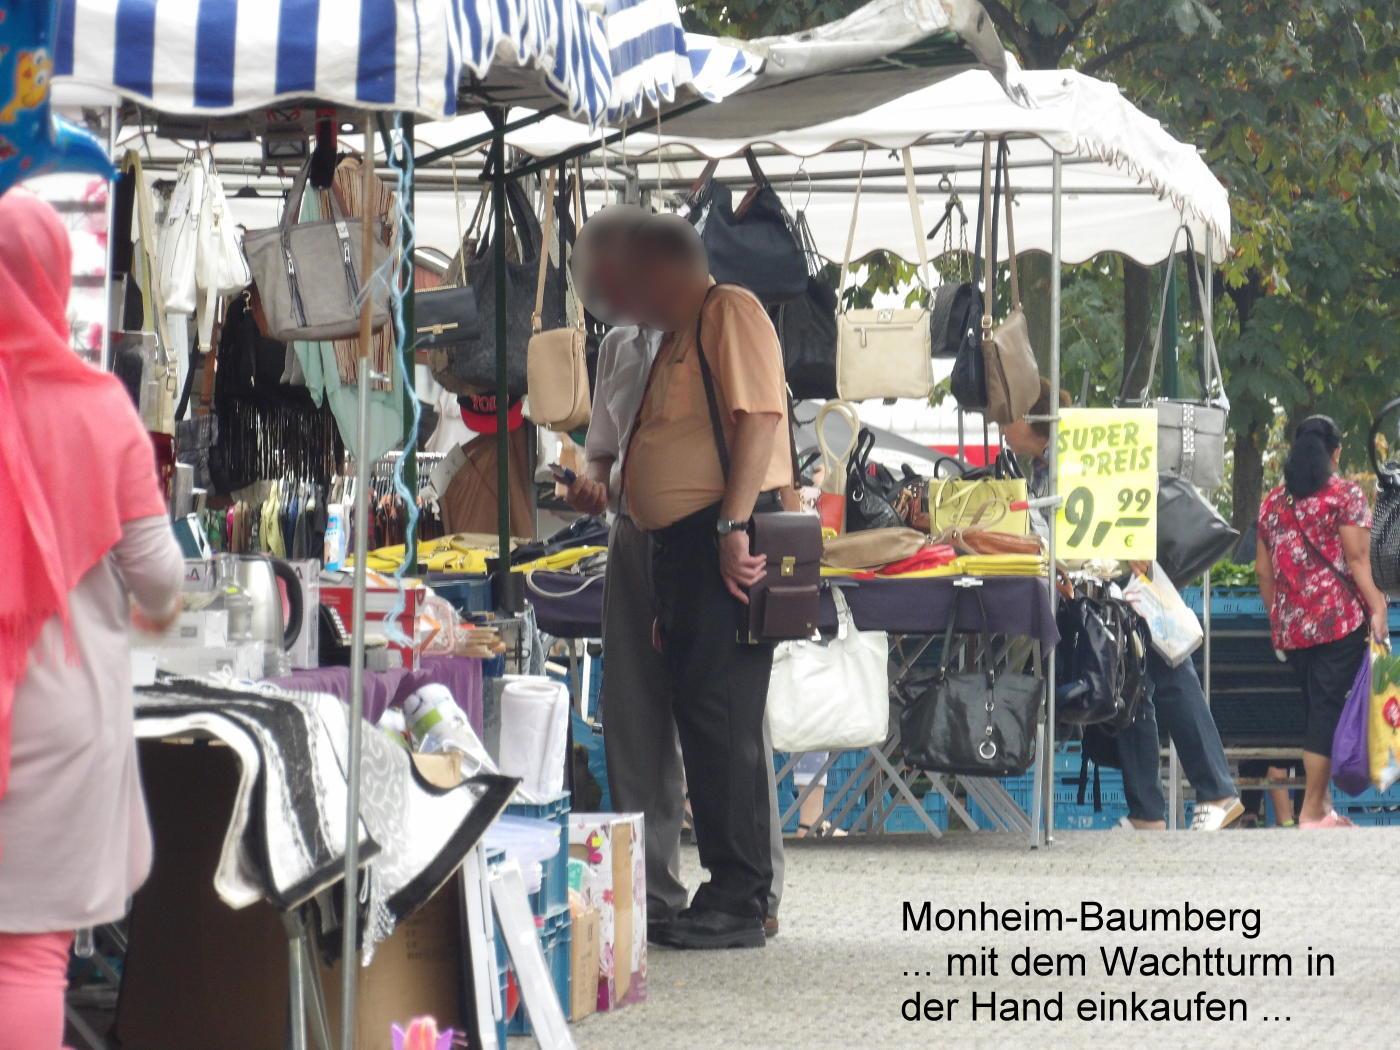 Watchtower slaves in Duesseldorf and Monheim-Baumberg